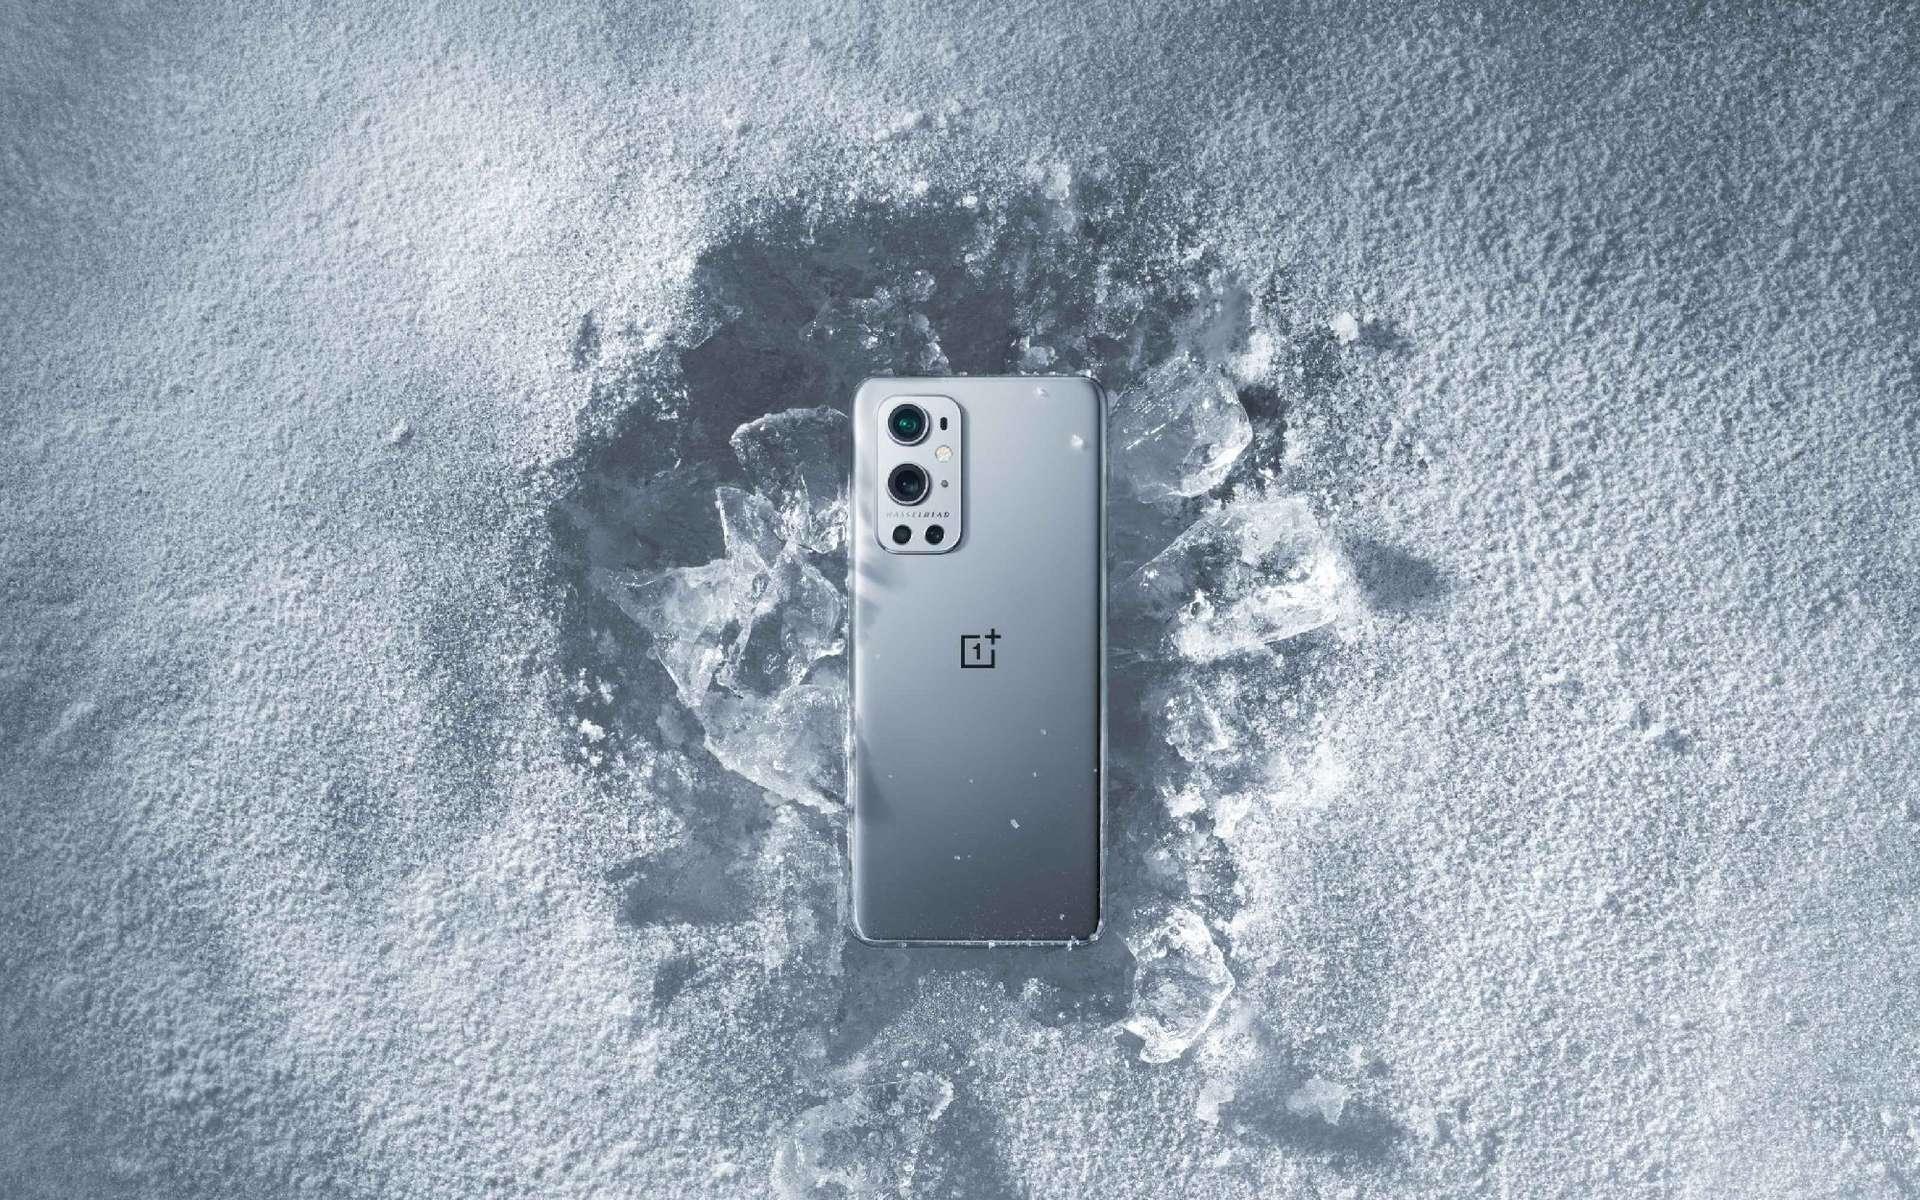 OnePlus a bridé les performances de nombreuses applications sur la gamme OnePlus 9 pour augmenter l'autonomie. © OnePlus